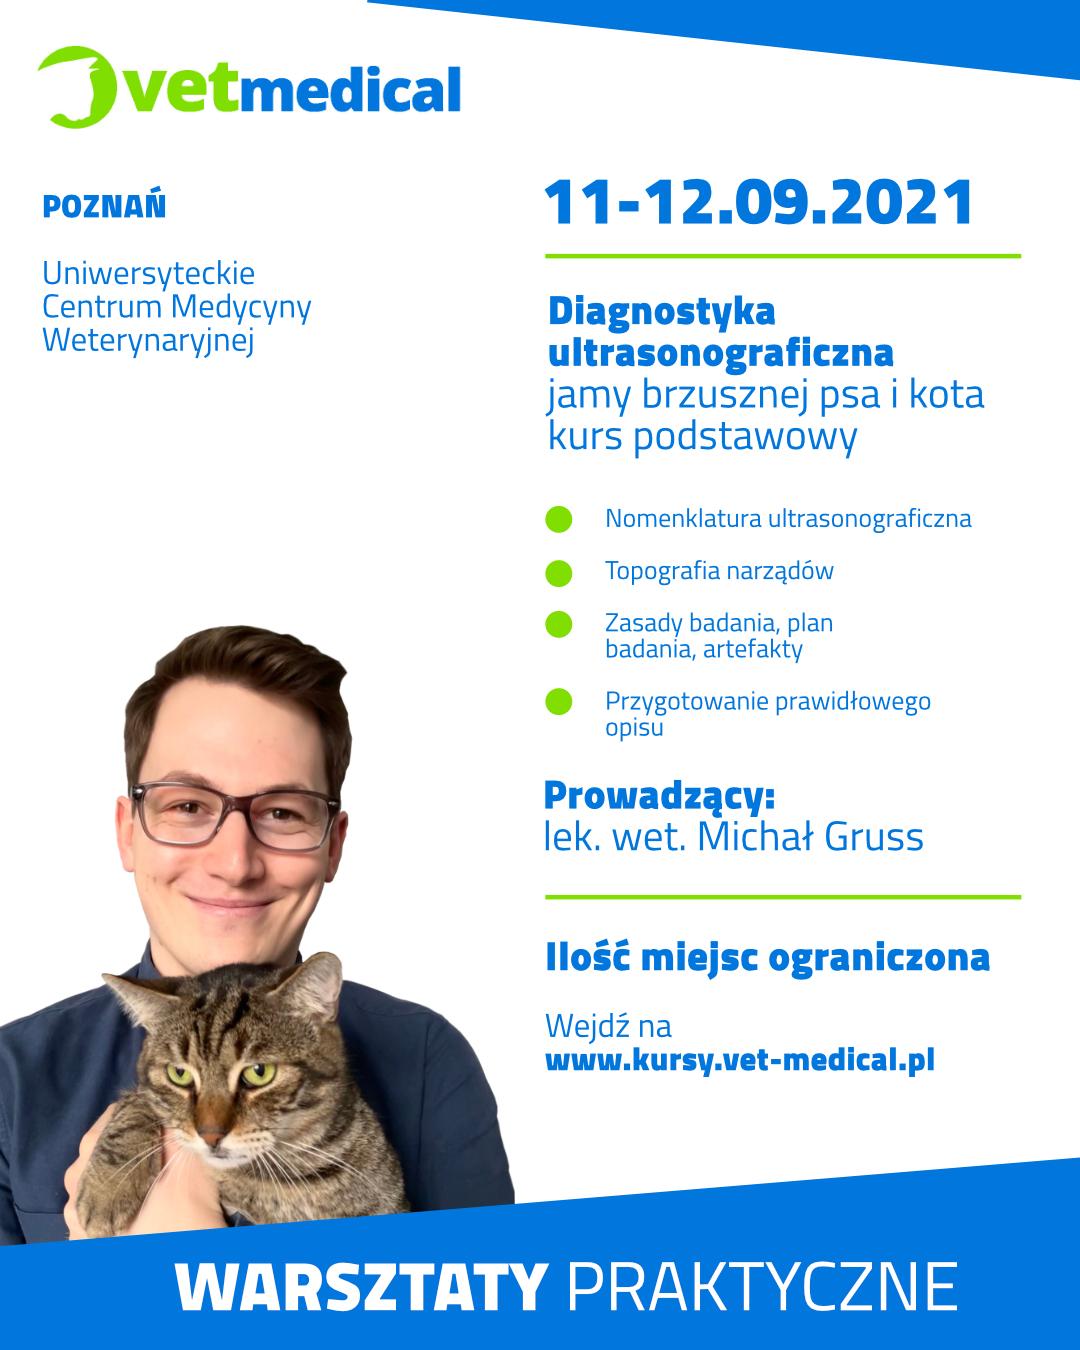 Poznań 11-12.09.2021 – Diagnostyka ultrasonograficzna jamy brzusznej psa i kota